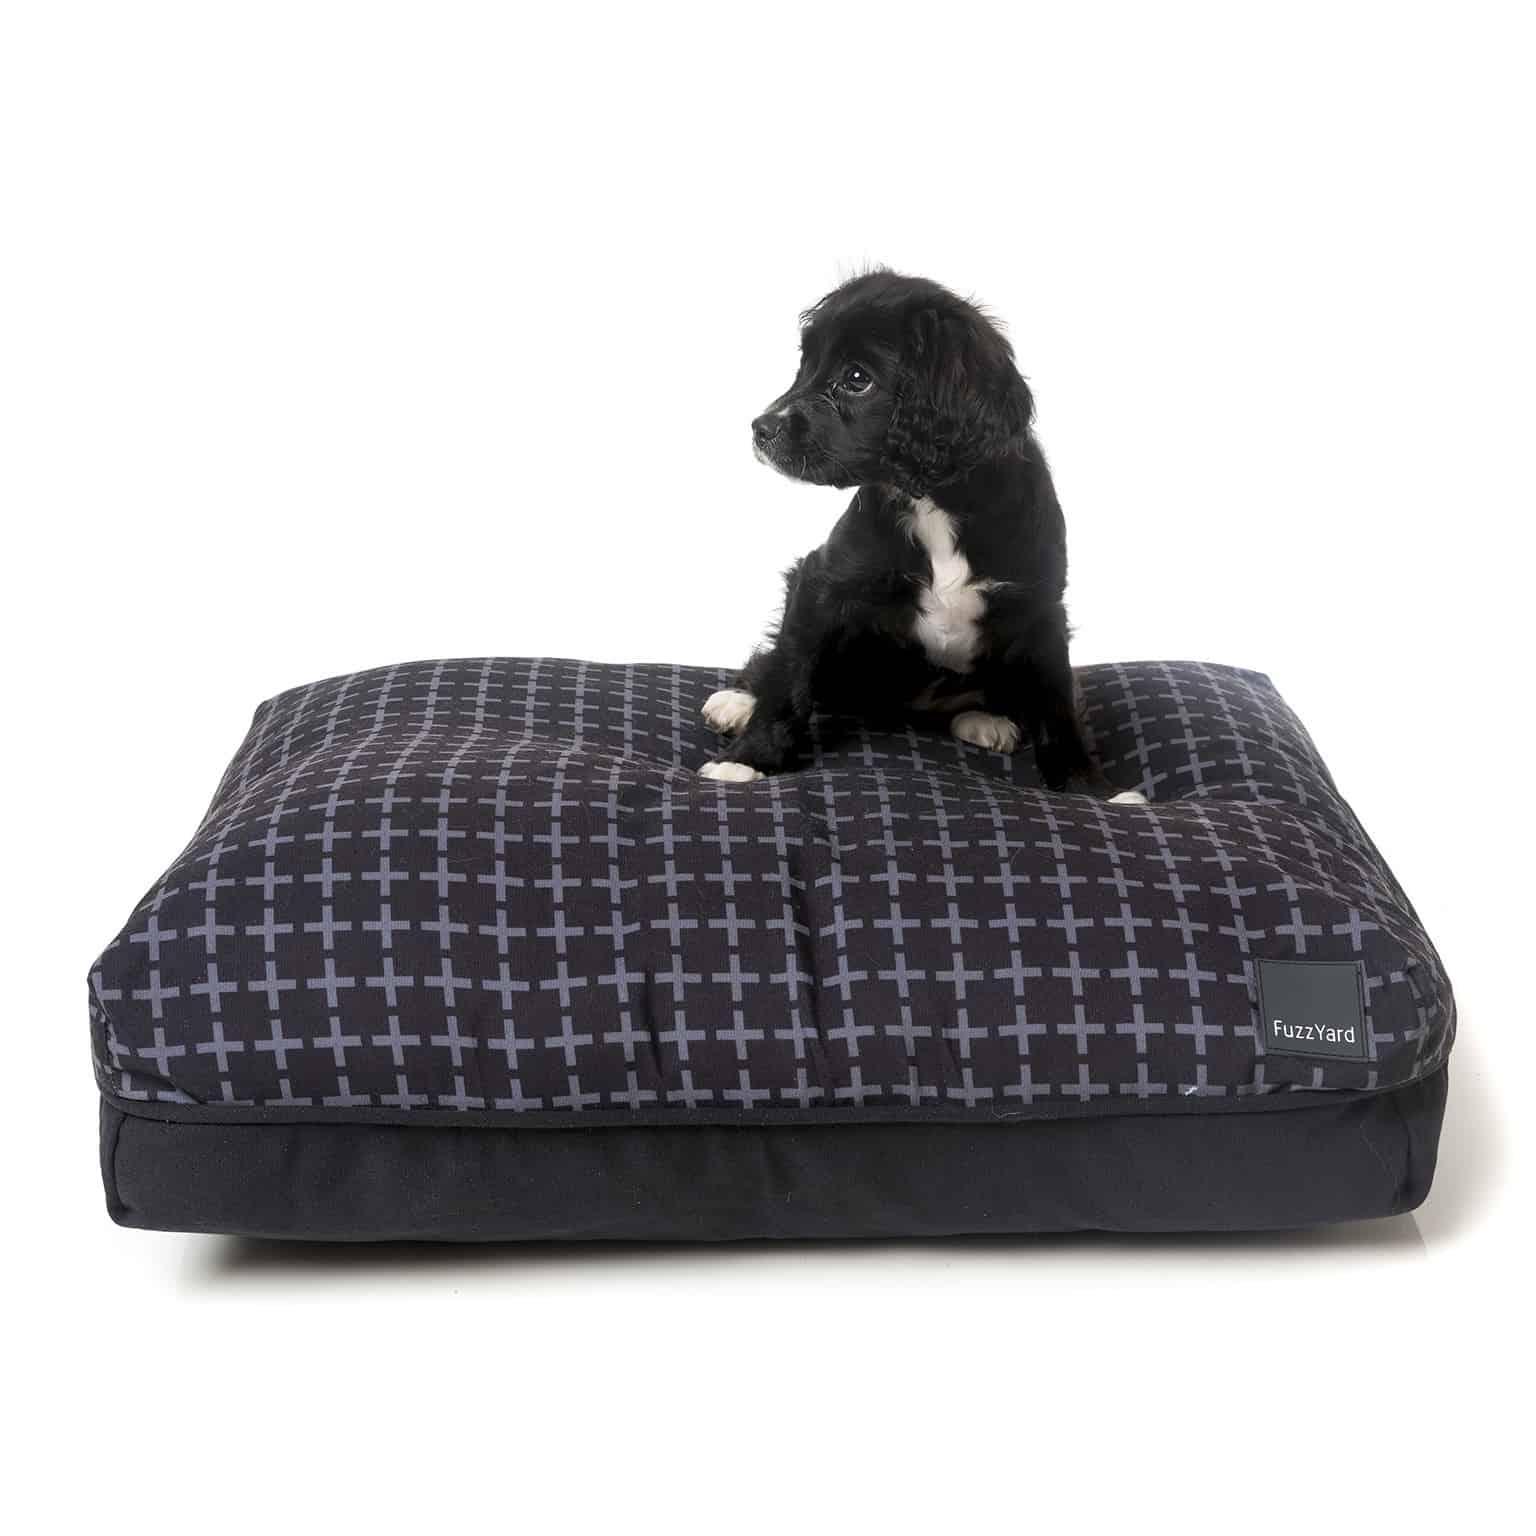 Fuzzyard Pillow Bed - Yeezy